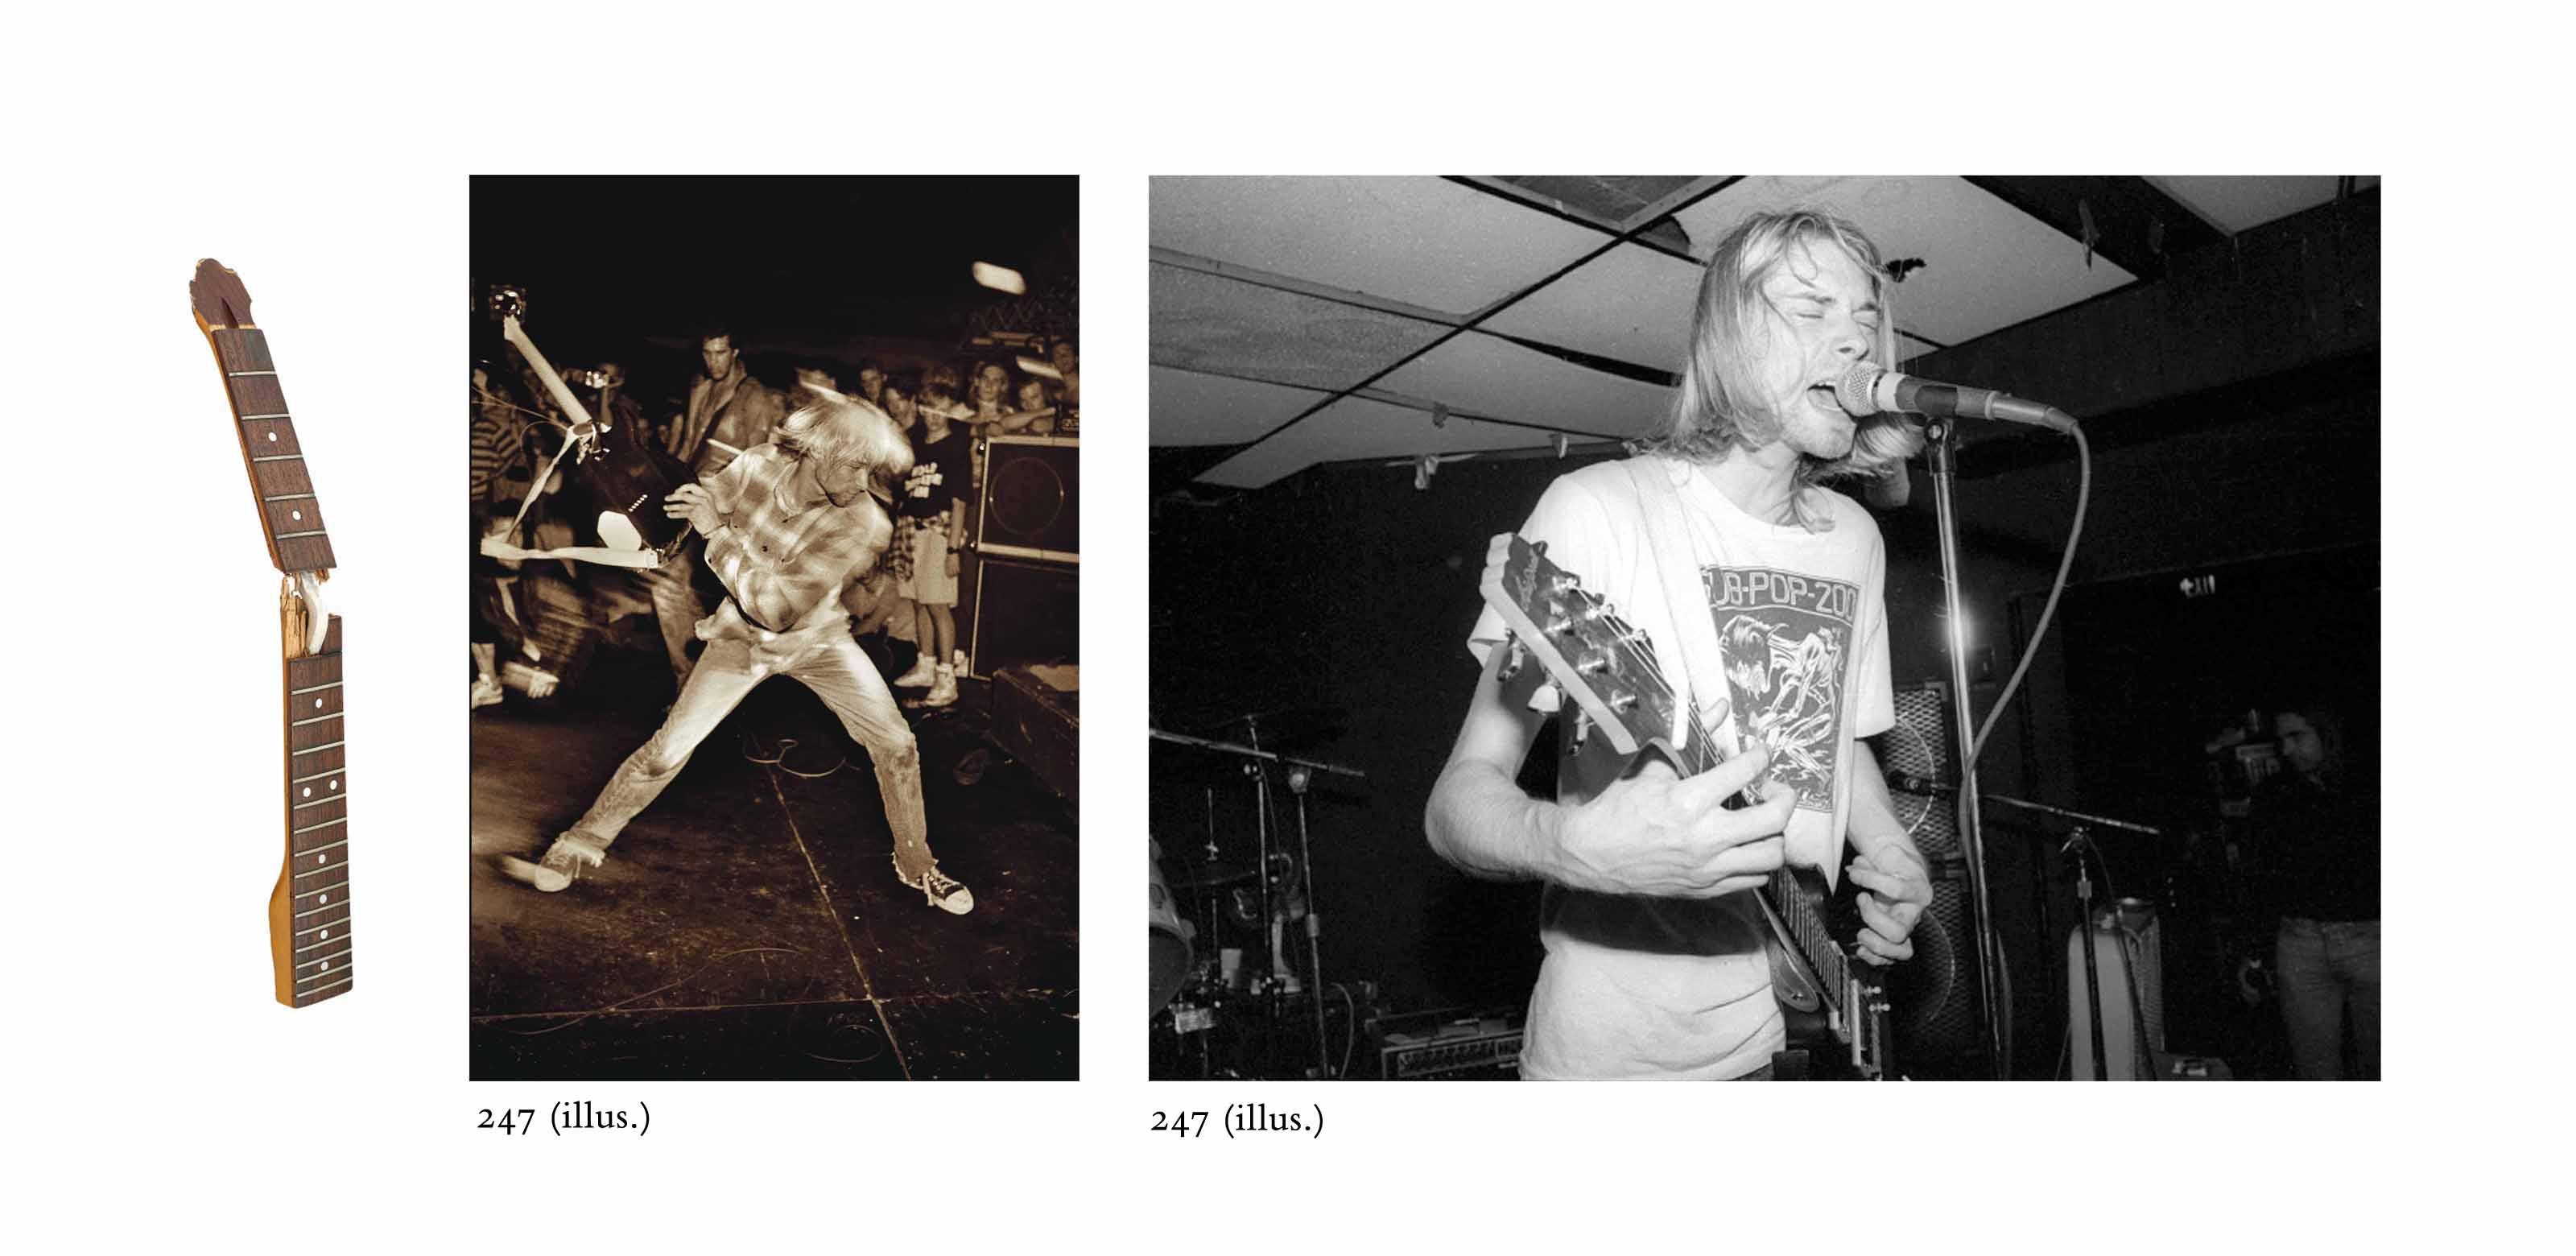 Kurt Cobain/Nirvana